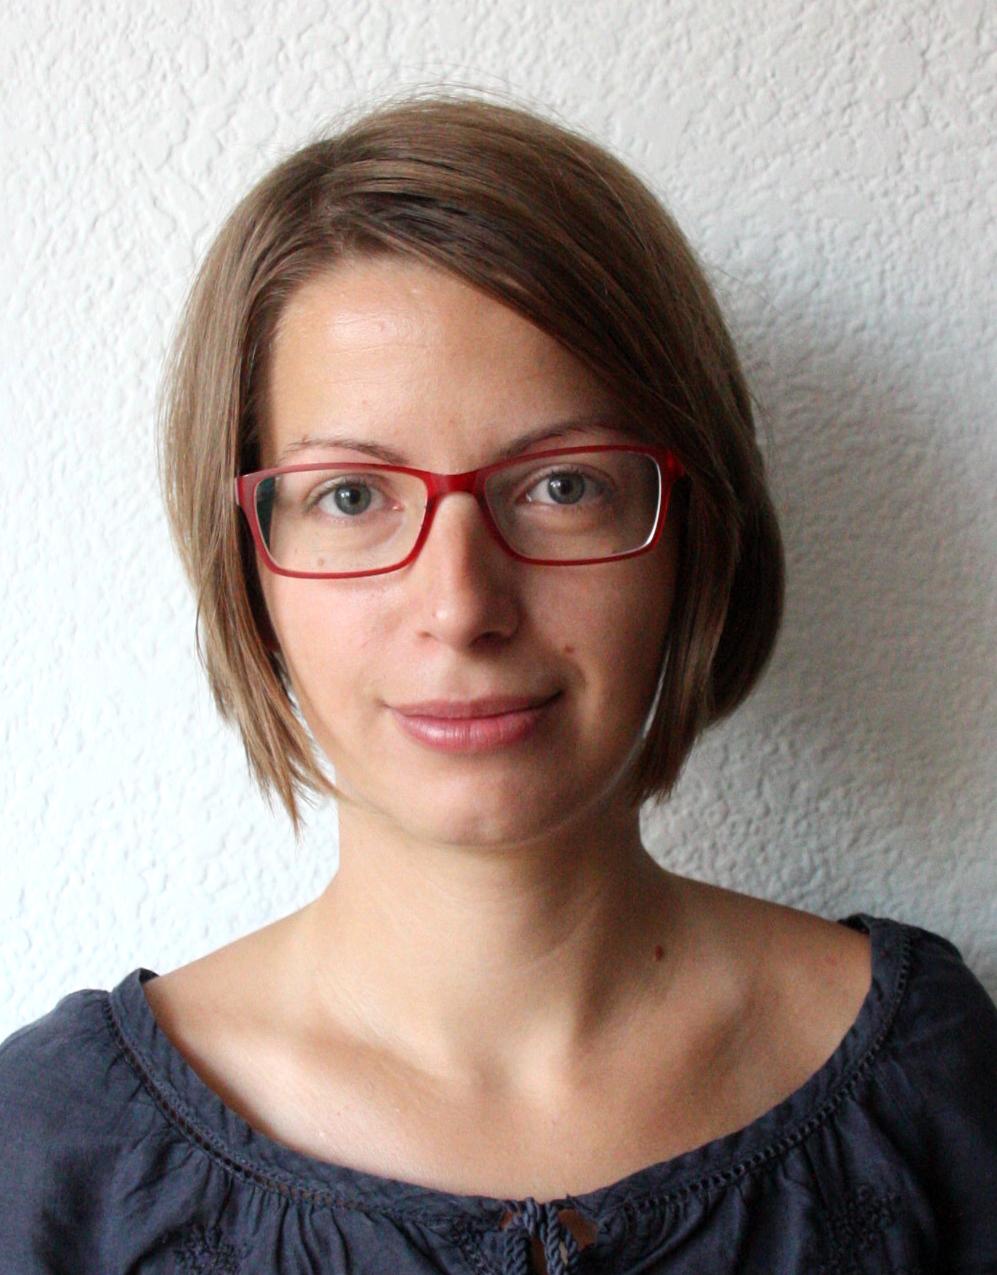 Mária Džunková